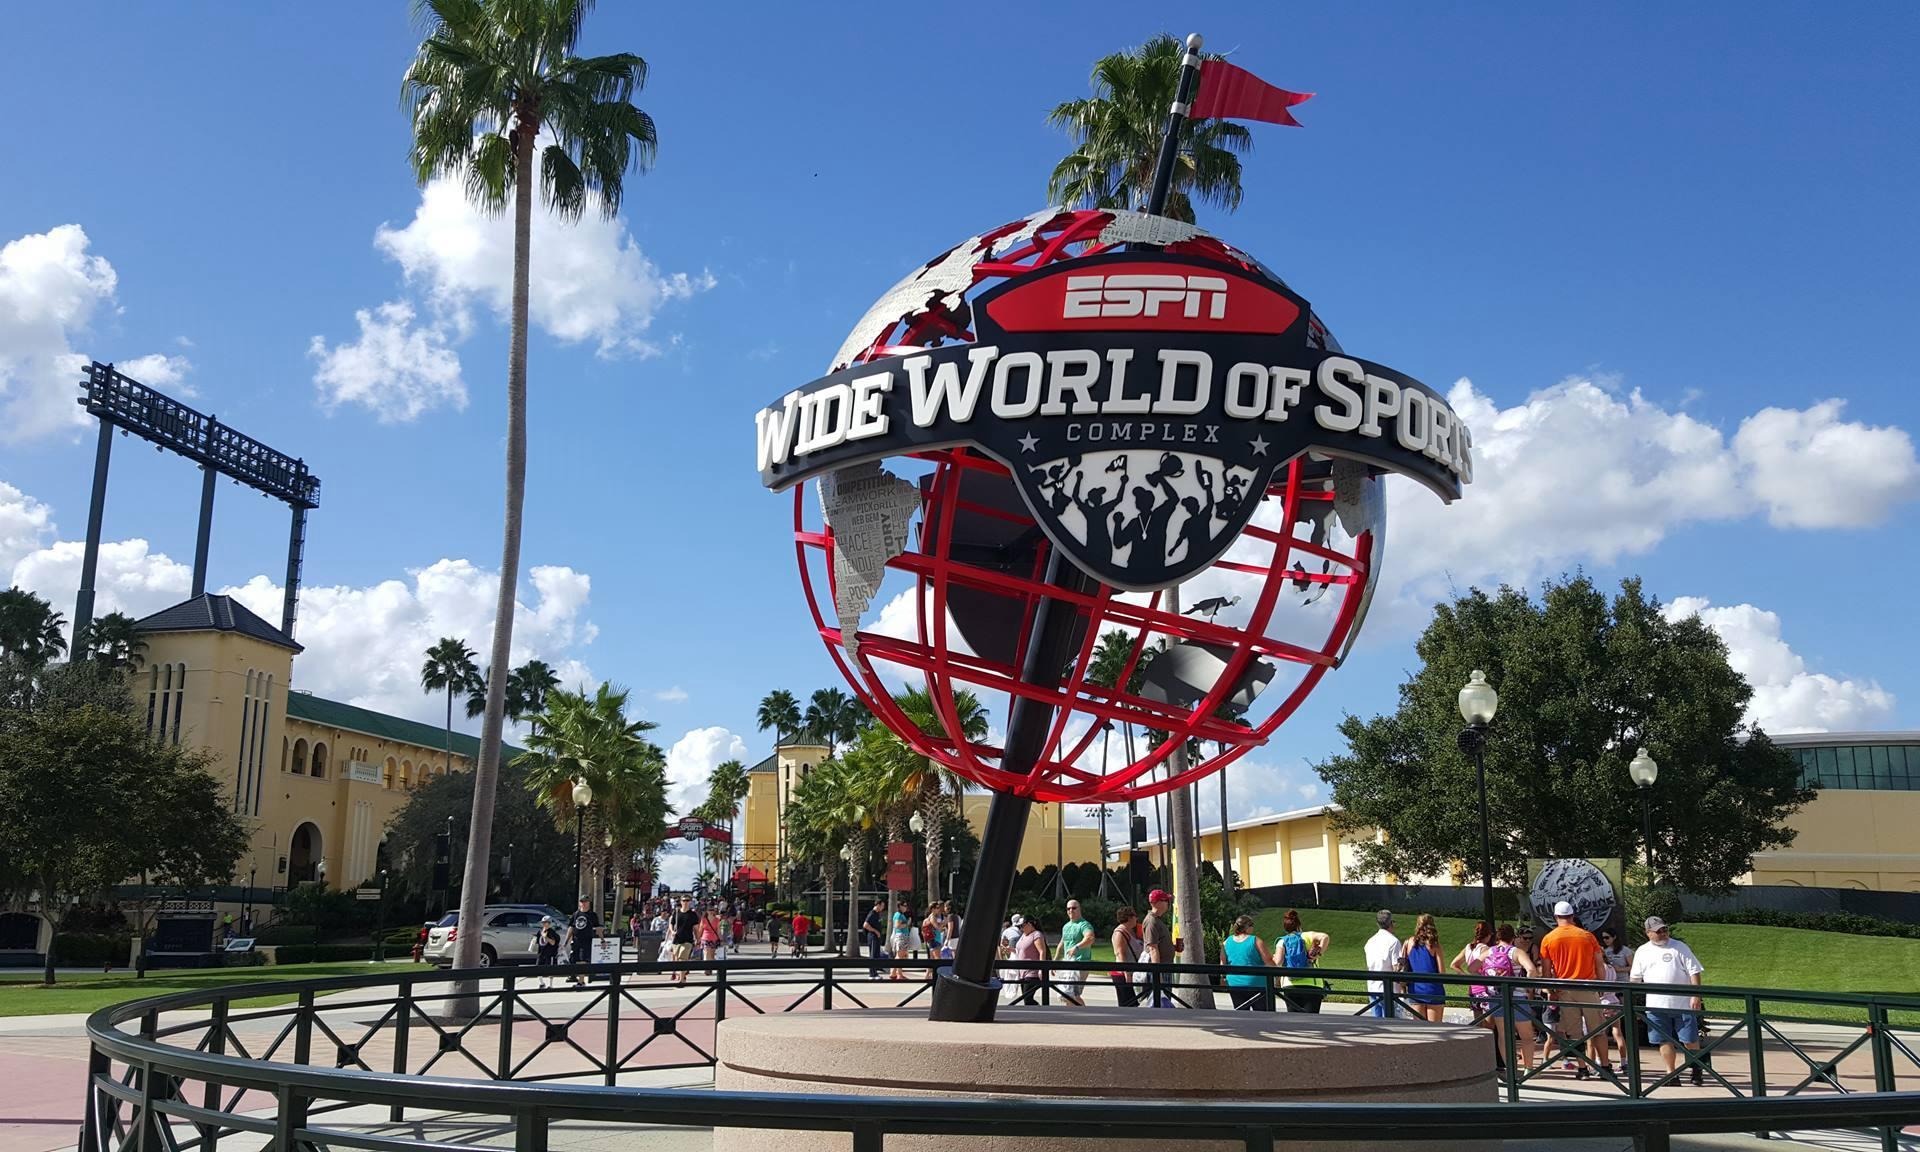 「神奇」操作,NBA 或将在迪士尼乐园复赛